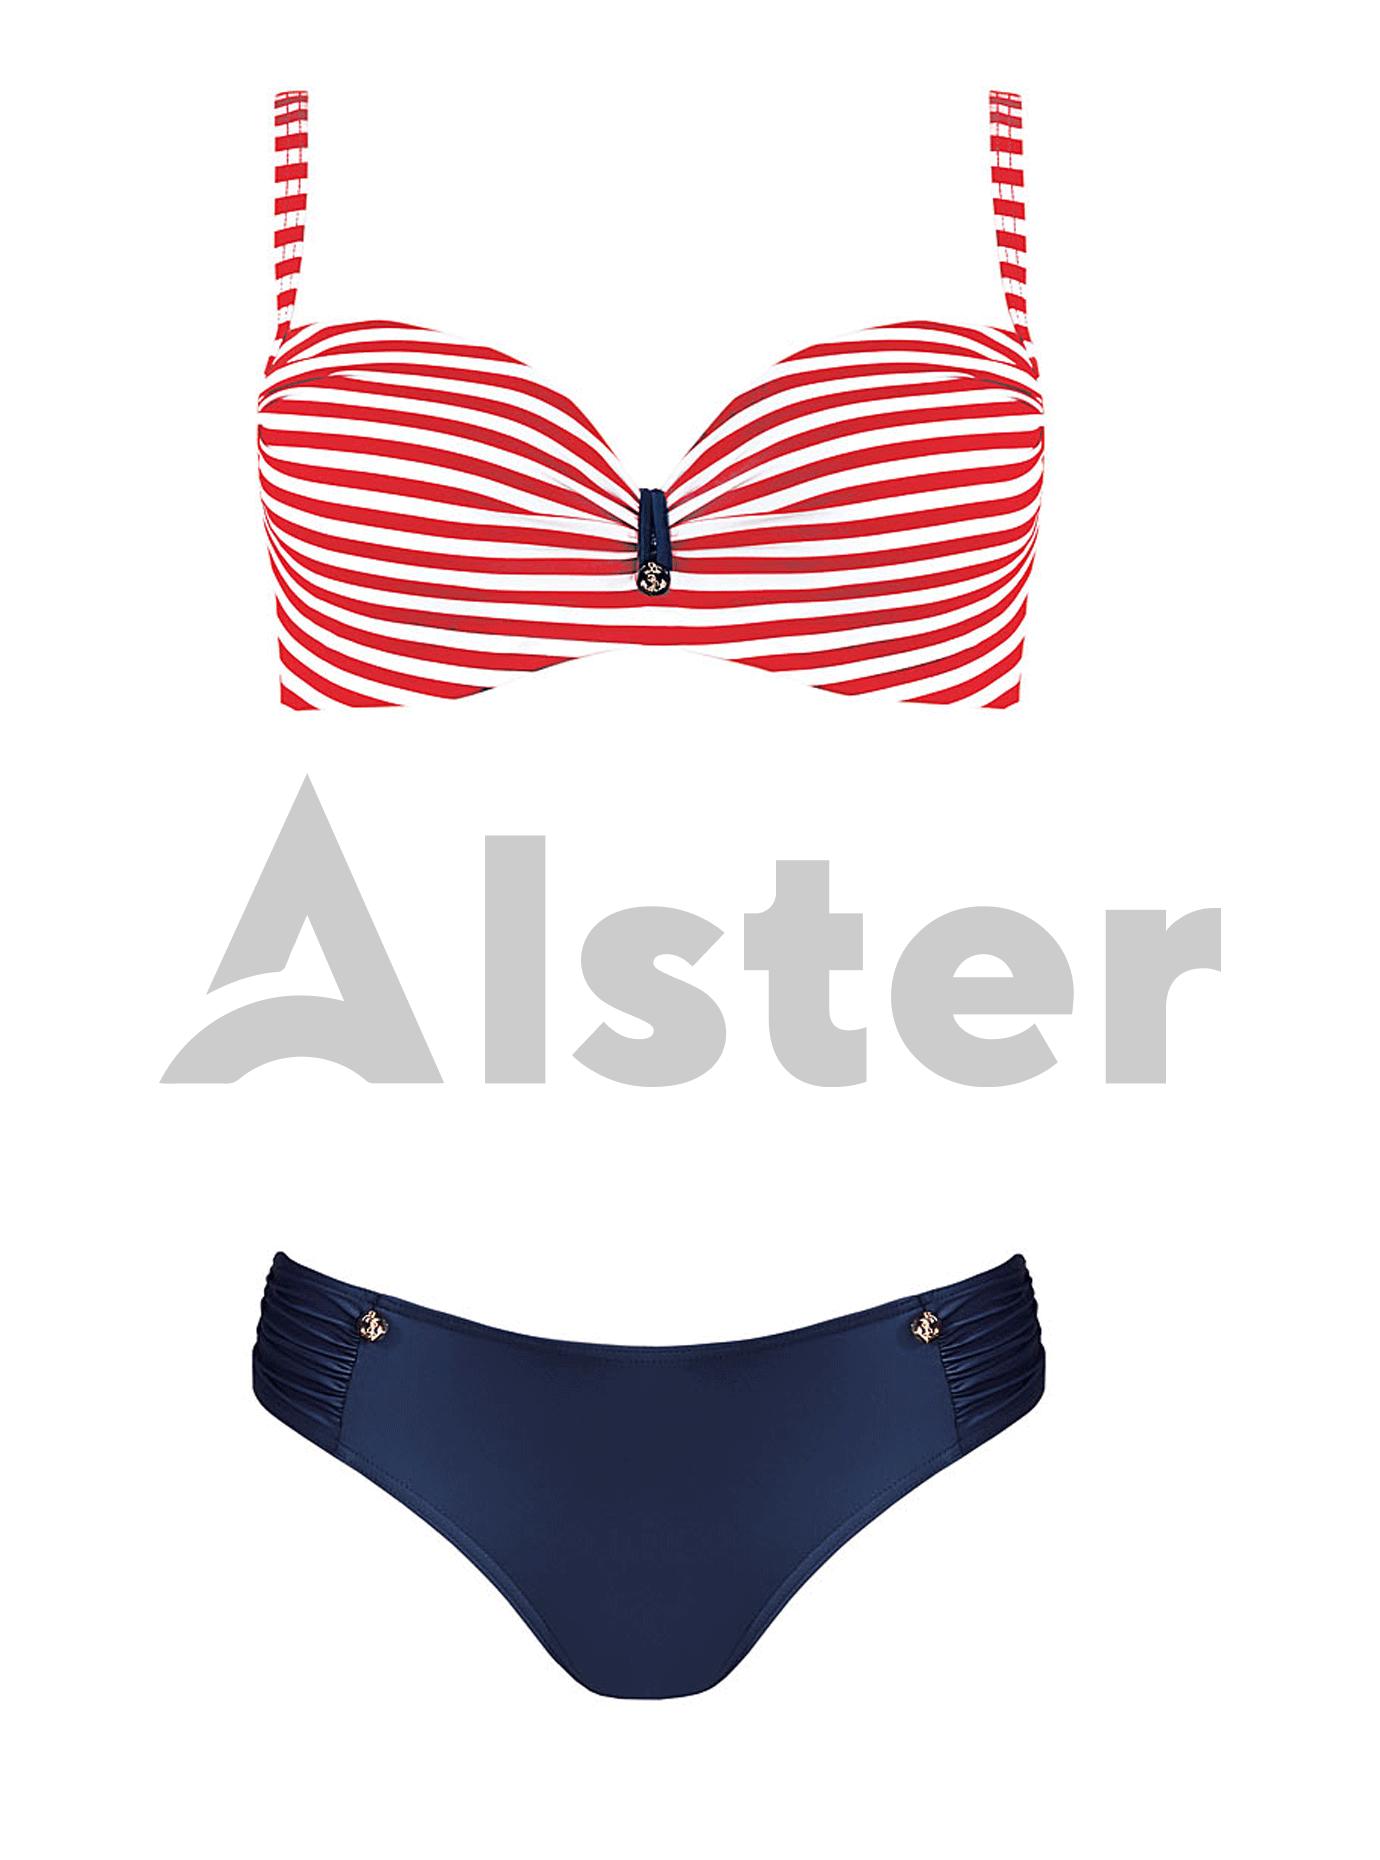 Раздельный купальник с полосатым верхом Красный 40F (01-K190563): фото - Alster.ua